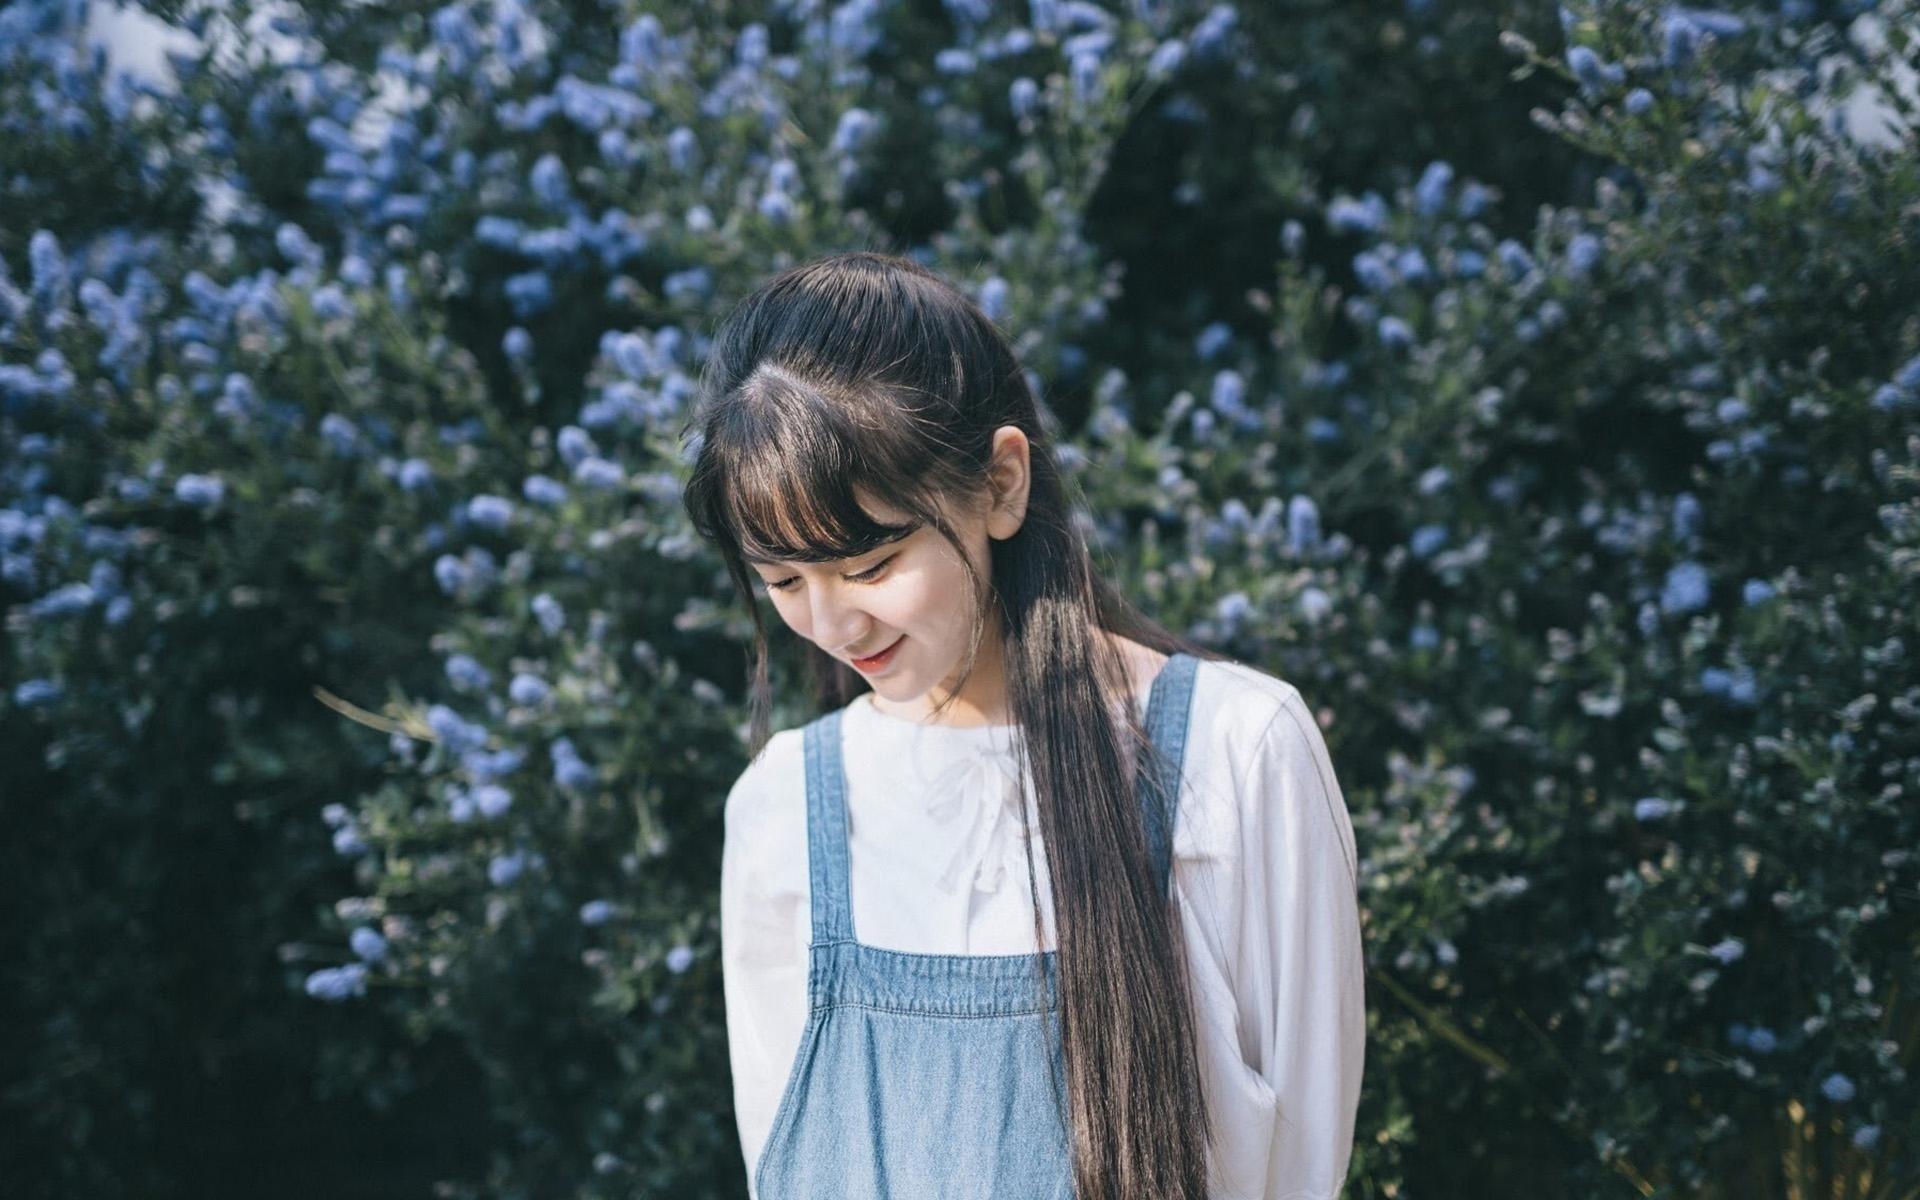 再生之瞳-幻想时空小说-主角: 旻幽, 苏琴